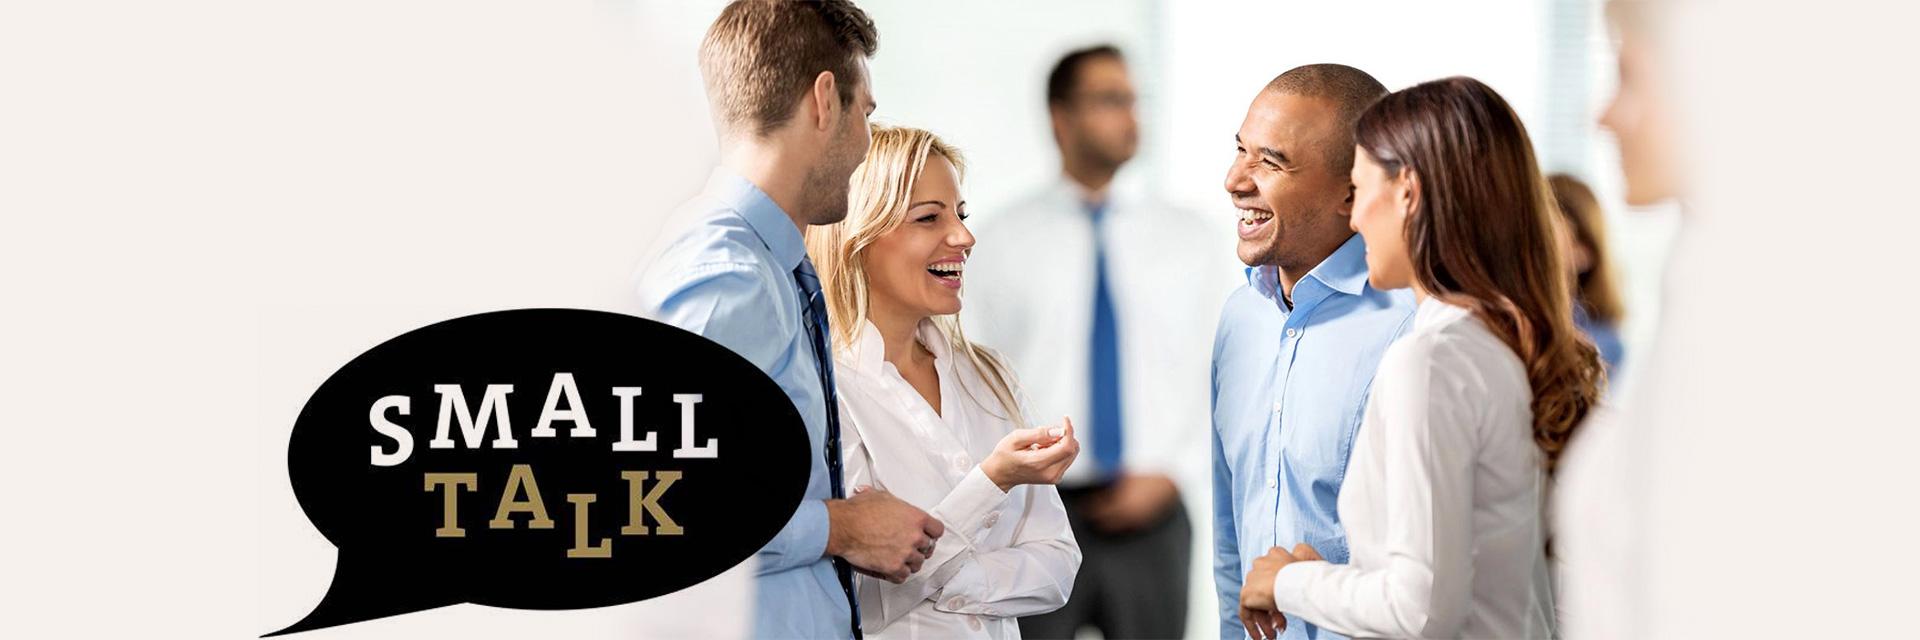 外贸社交达人必备实力: 利用Small Talk帮助你获得更多客户的好感和信任(配大量例子和案例)